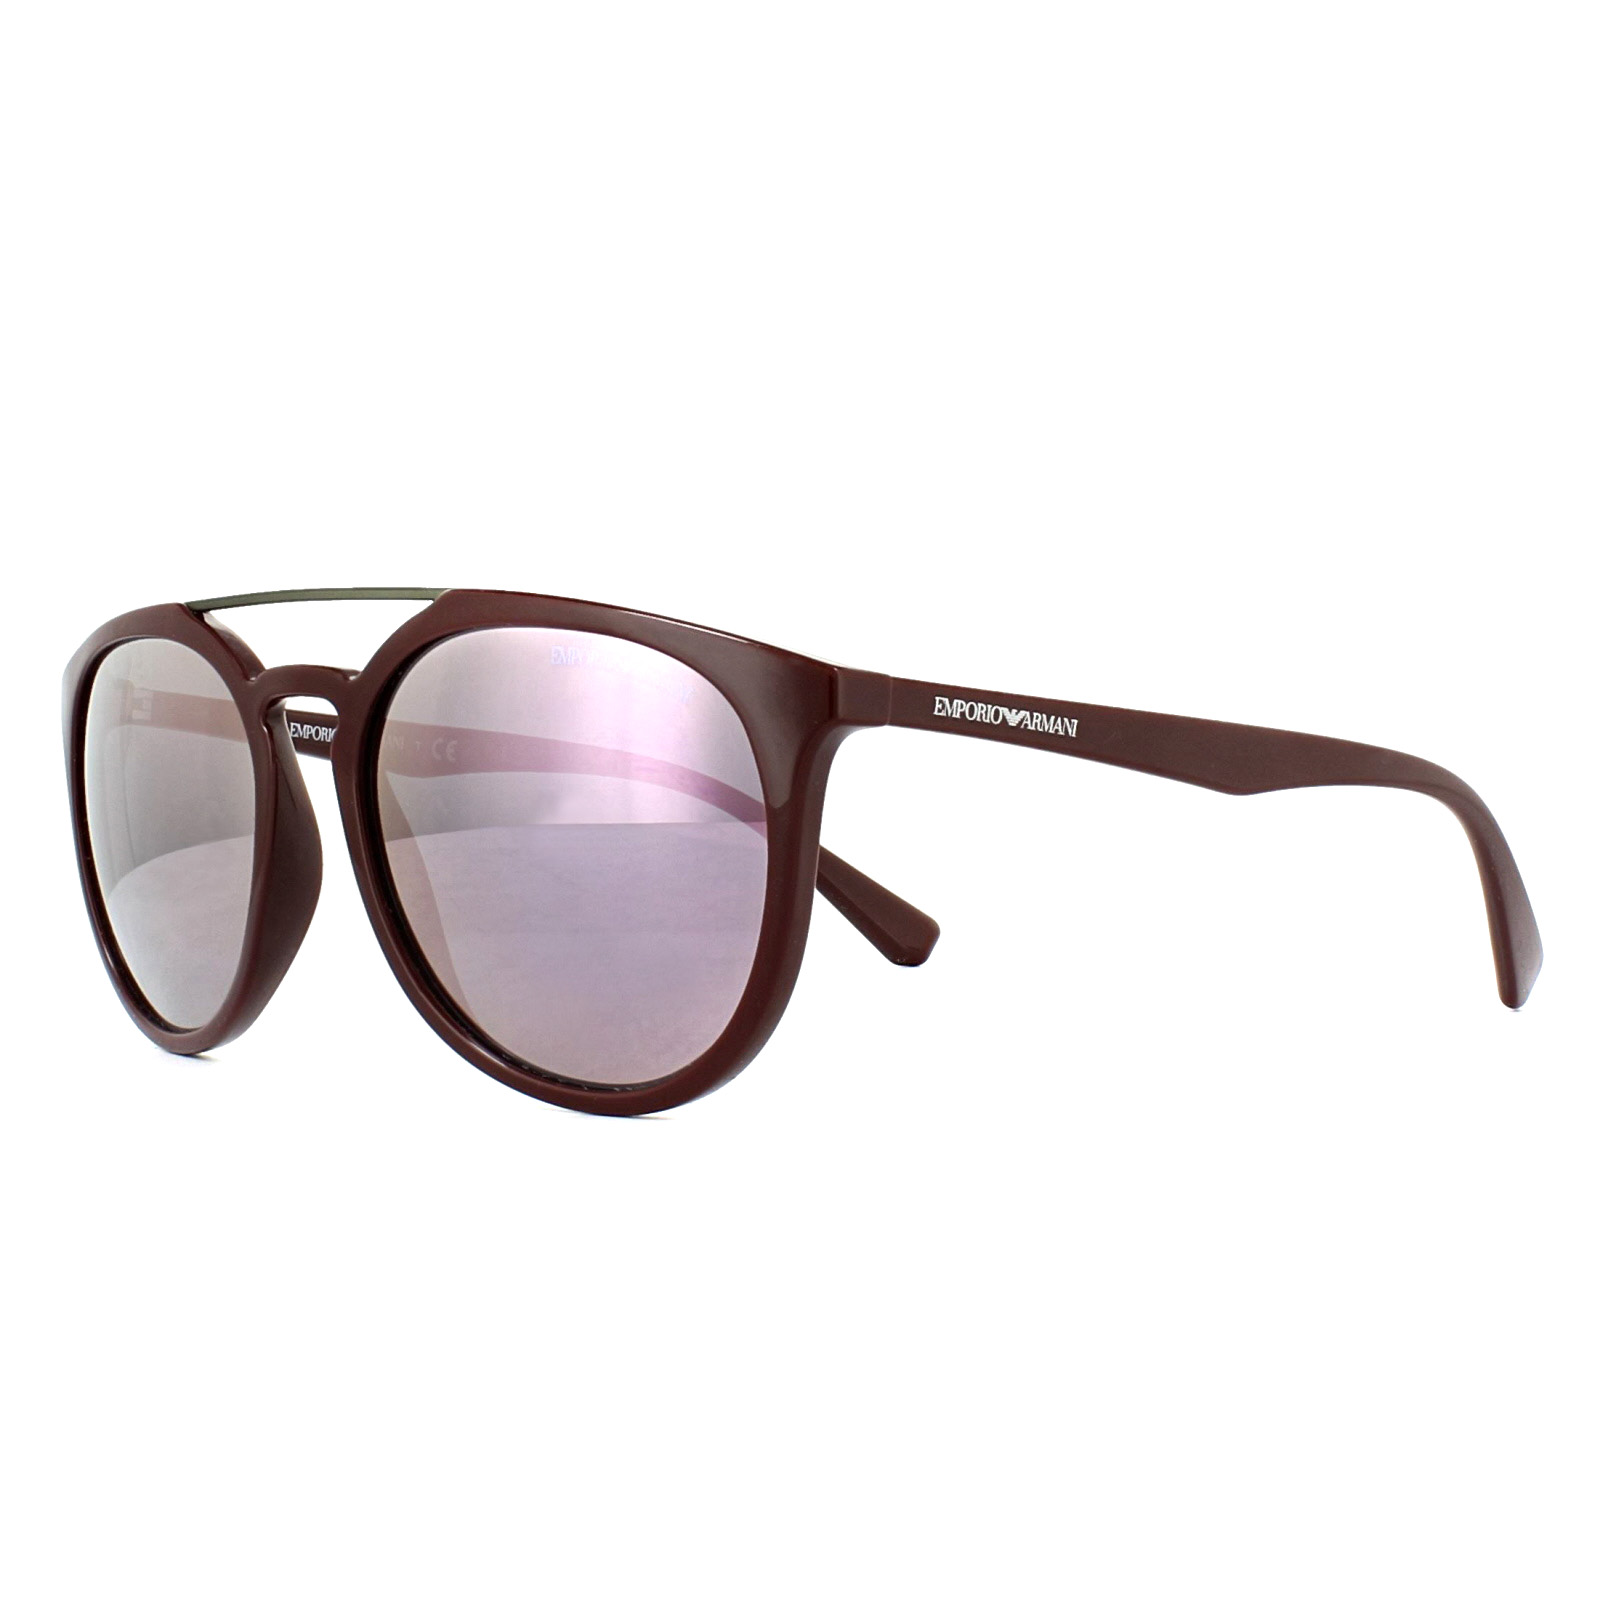 641ff07419e Sentinel Emporio Armani Sunglasses 4103 55985R Bordeaux Pink Mirror